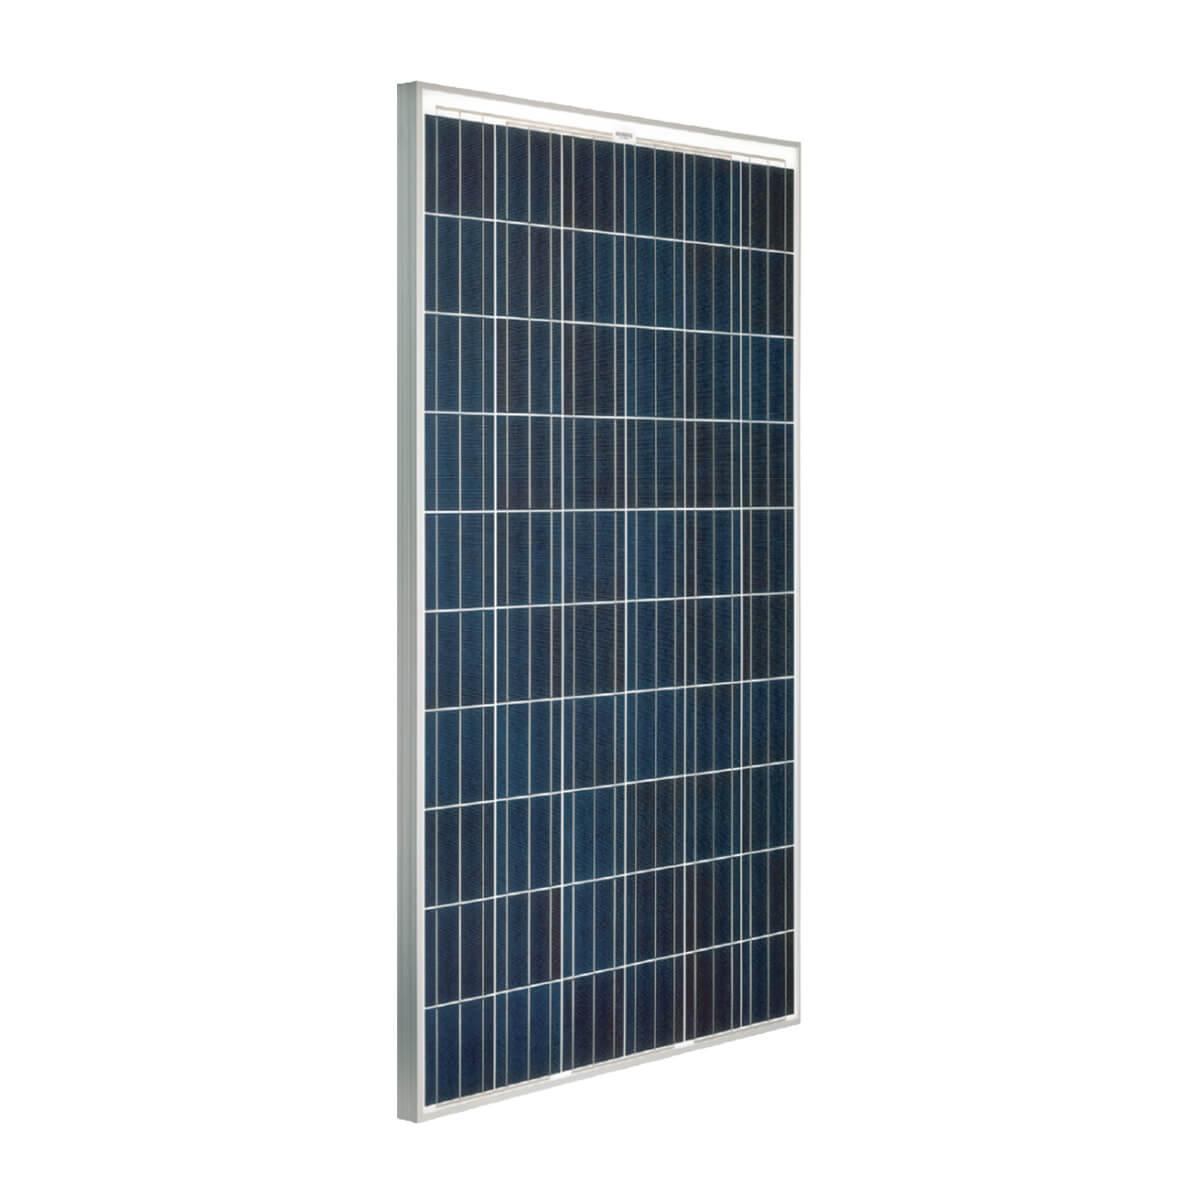 ankara solar 285W panel, ankara solar 285Watt panel, ankara solar 285 W panel, ankara solar 285 Watt panel, ankara solar 285 Watt polikristal panel, ankara solar 285 W watt gunes paneli, ankara solar 285 W watt polikristal gunes paneli, ankara solar 285 W Watt fotovoltaik polikristal solar panel, ankara solar 285W polikristal gunes enerjisi, ankara solar AS-P60-285W panel, ANKARA SOLAR 285WATT